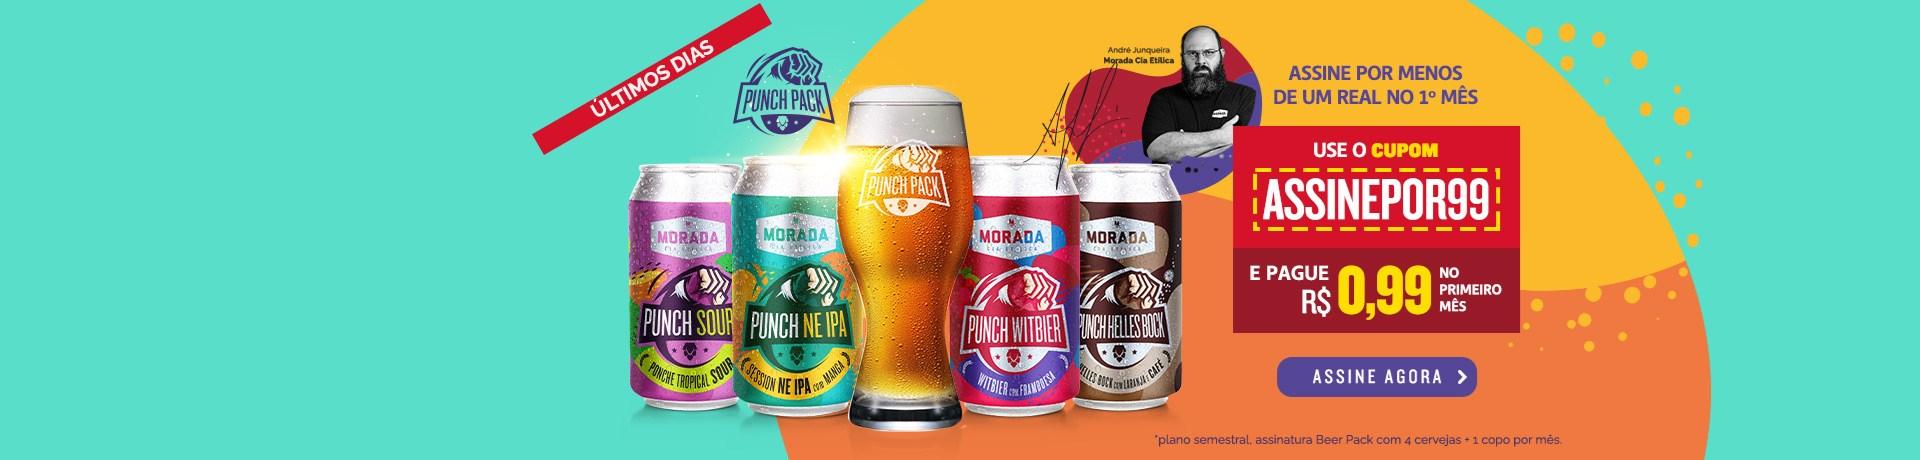 Beer Pack 0,99 - Home Desktop